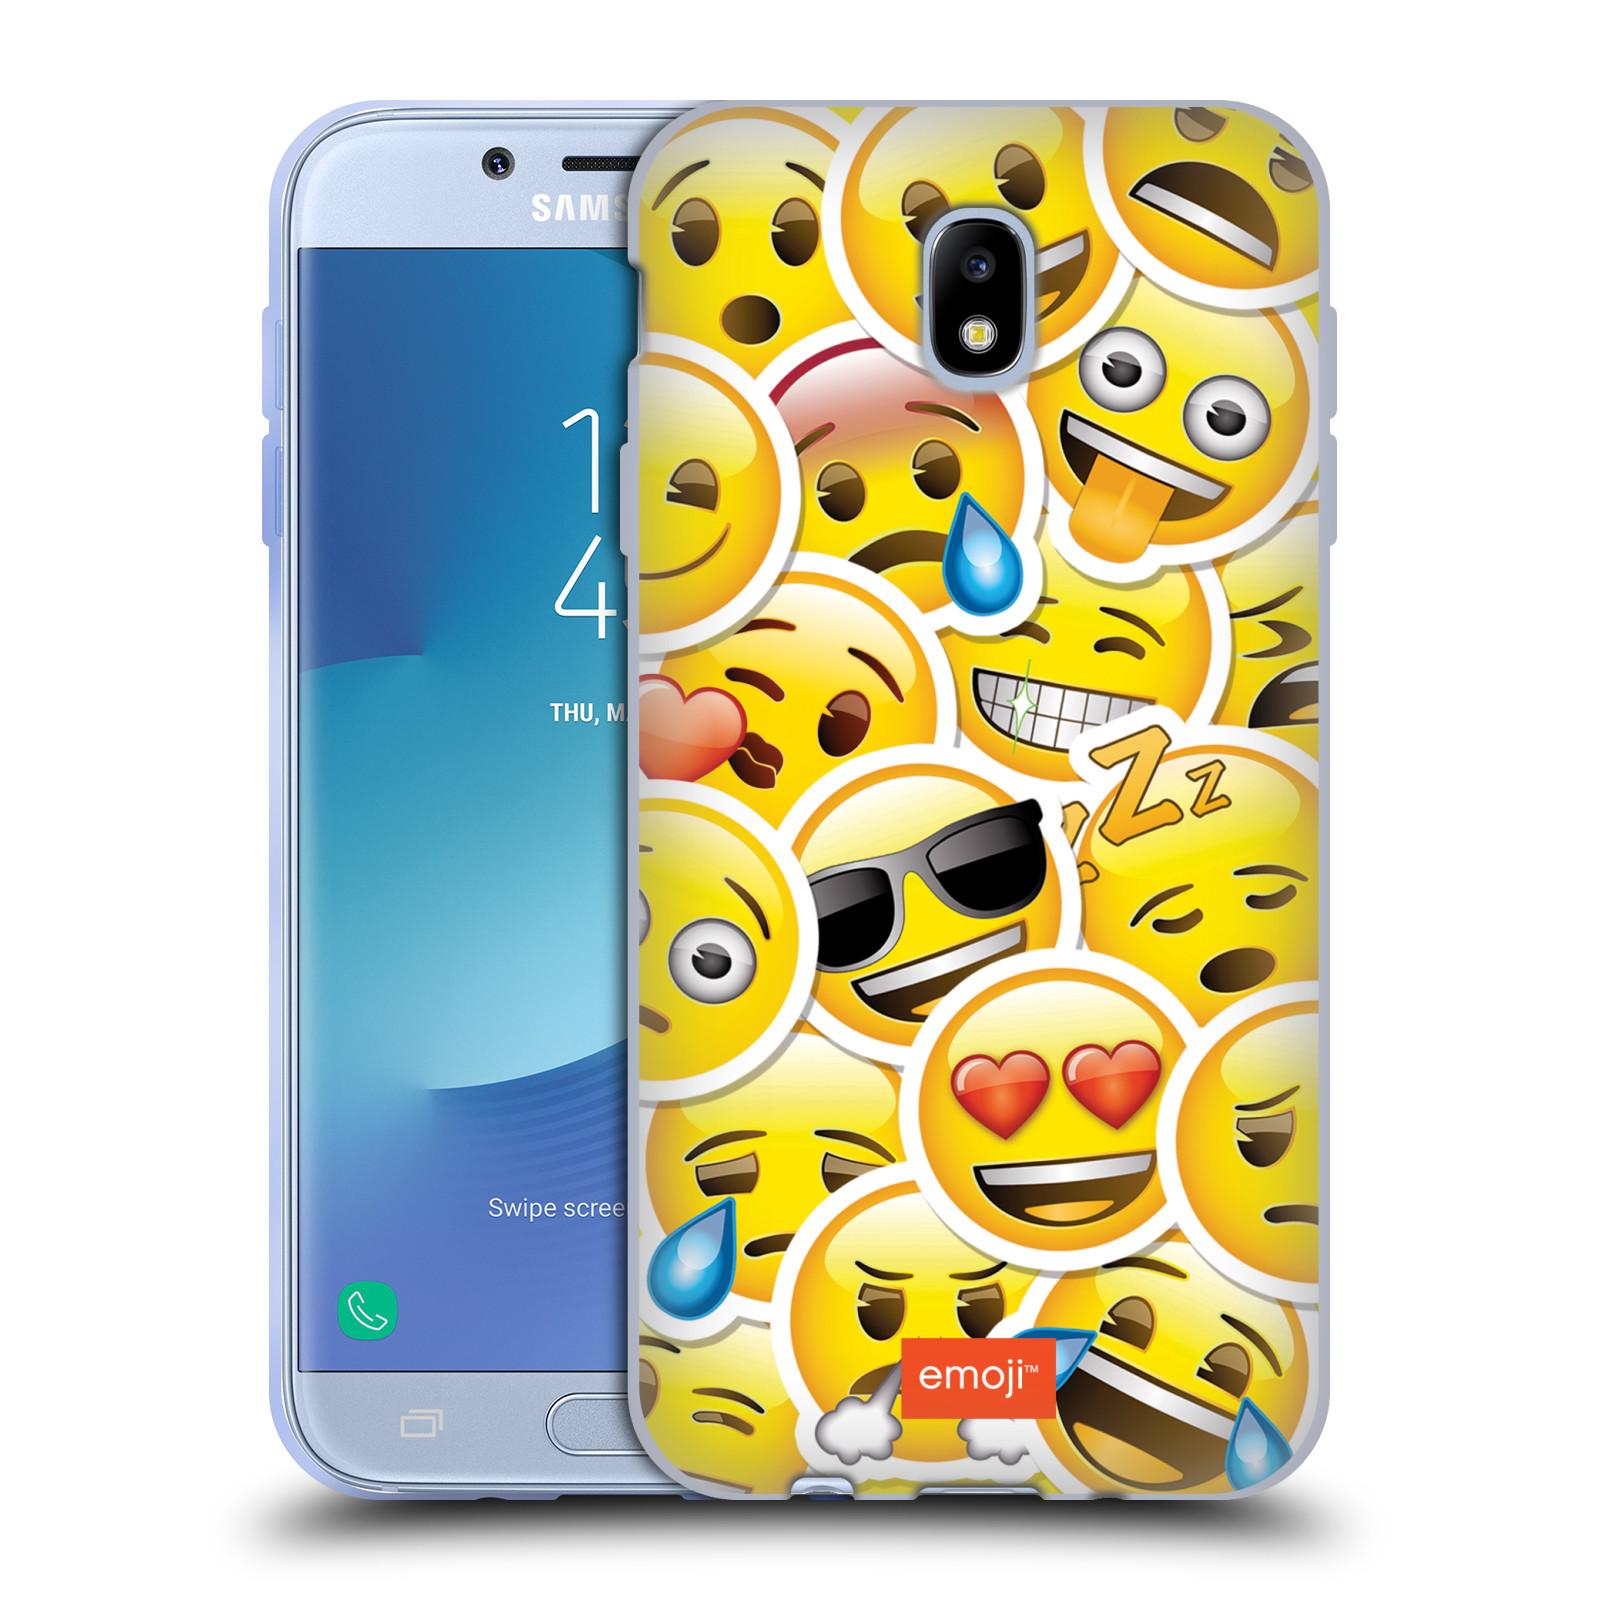 Silikonové pouzdro na mobil Samsung Galaxy J7 (2017) - Head Case - EMOJI - Velcí smajlíci ZZ